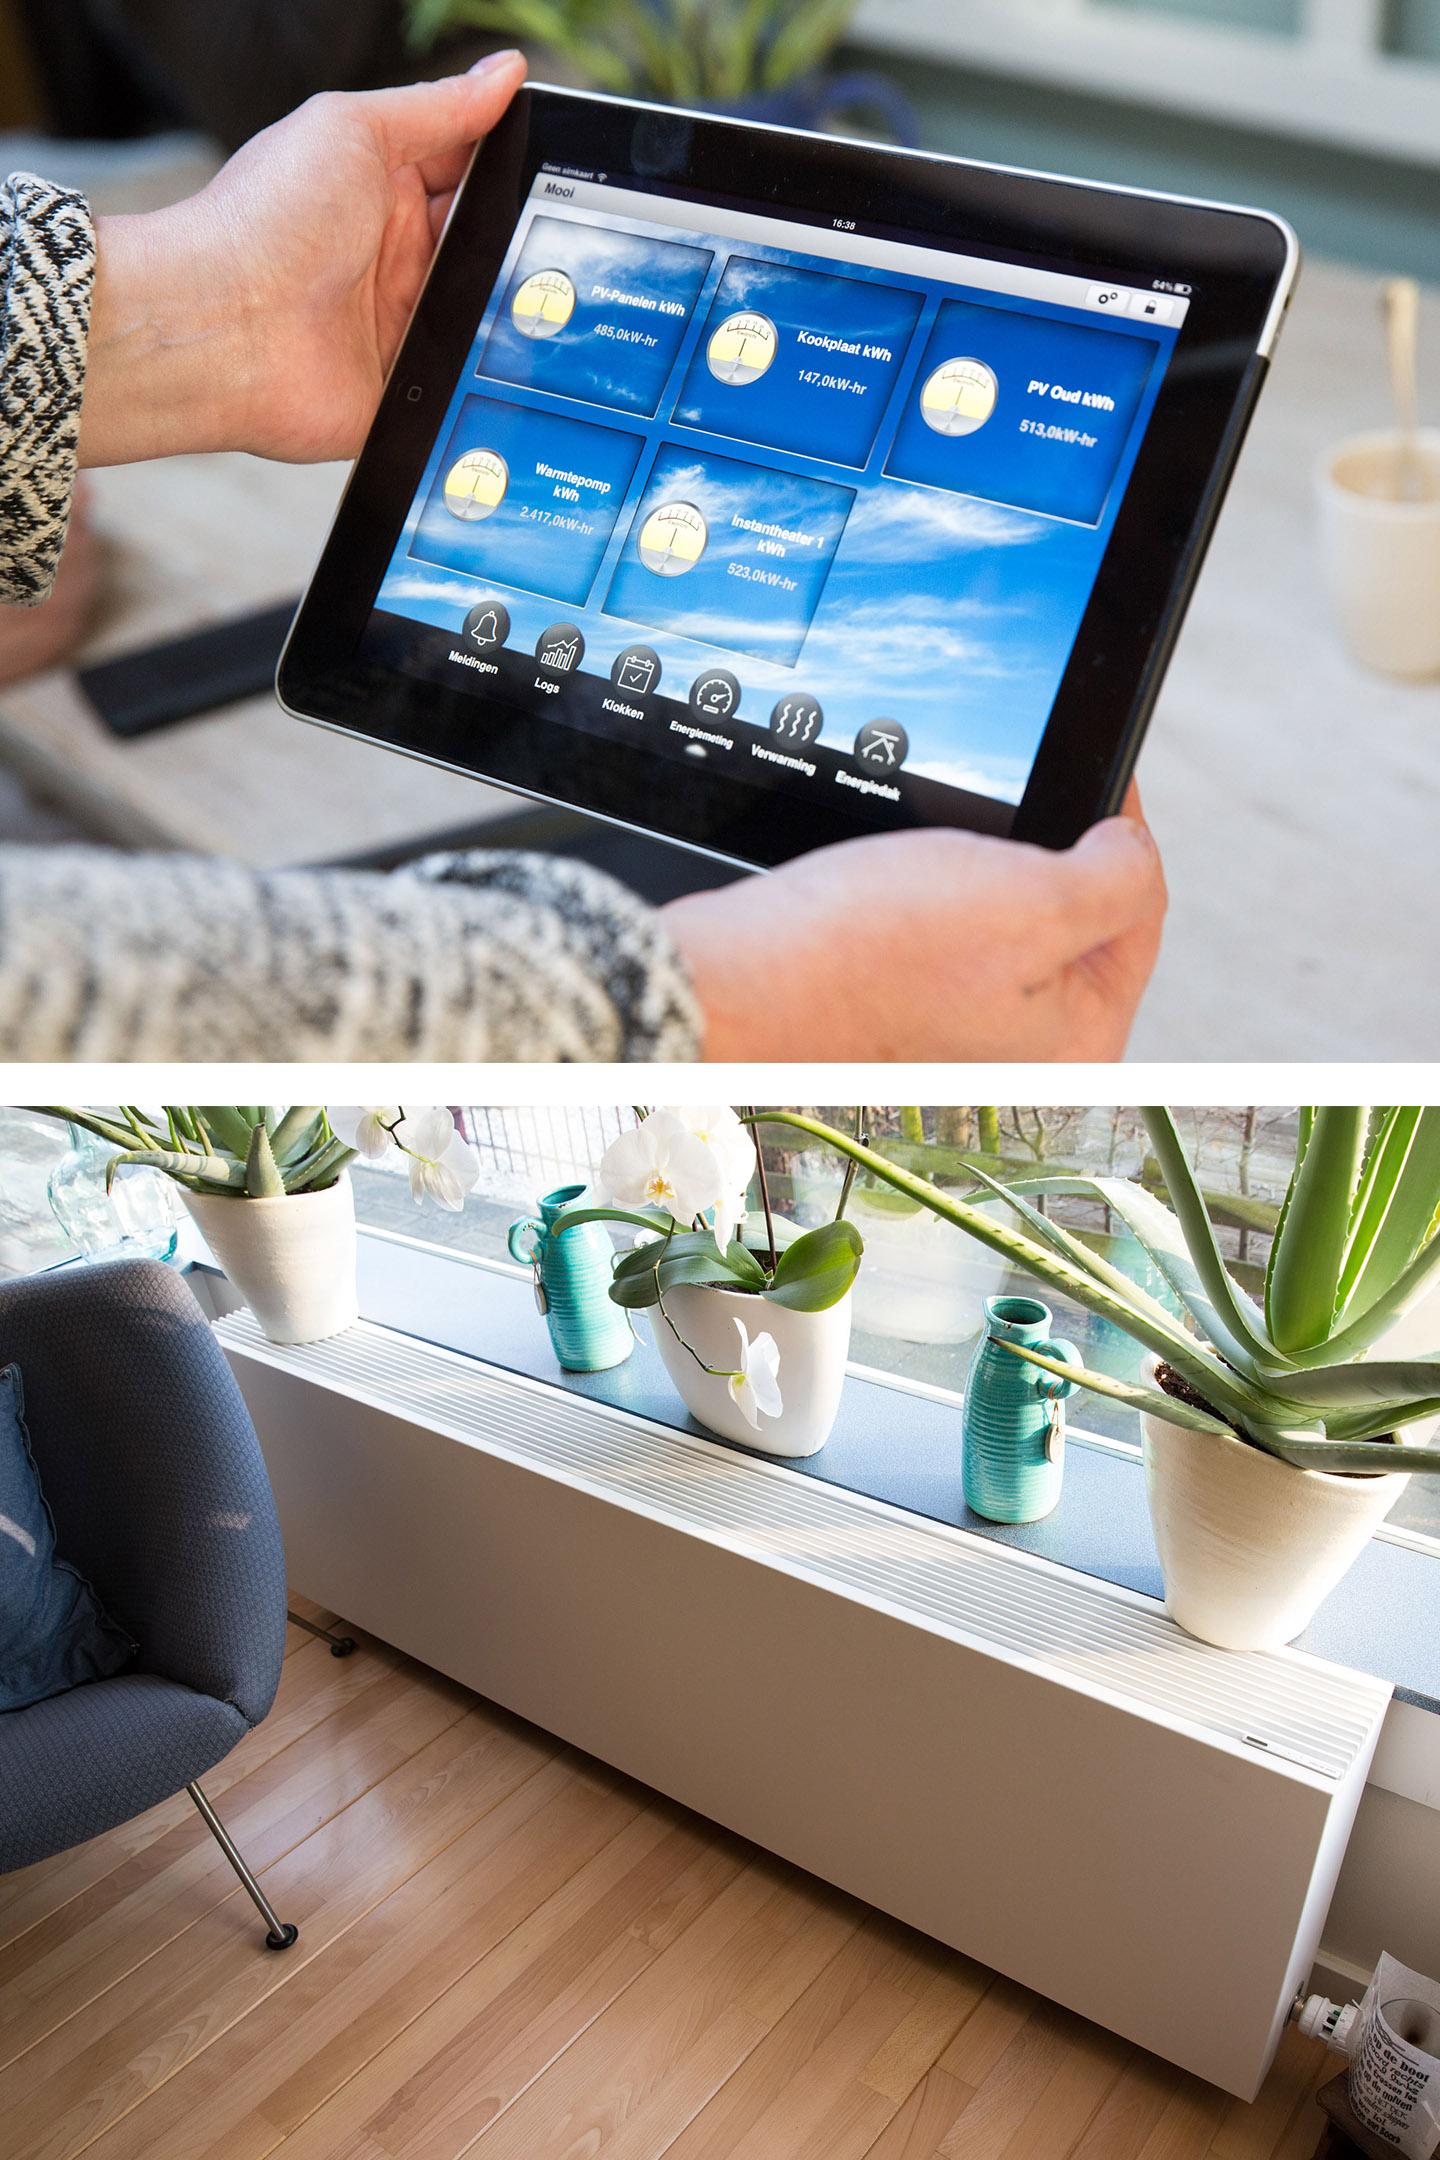 Energieneutraal-huis-woonwijk-wonen-thuisbaas-credit-Chantal-Bekker-GraphicAlert-app-zonnepanelen